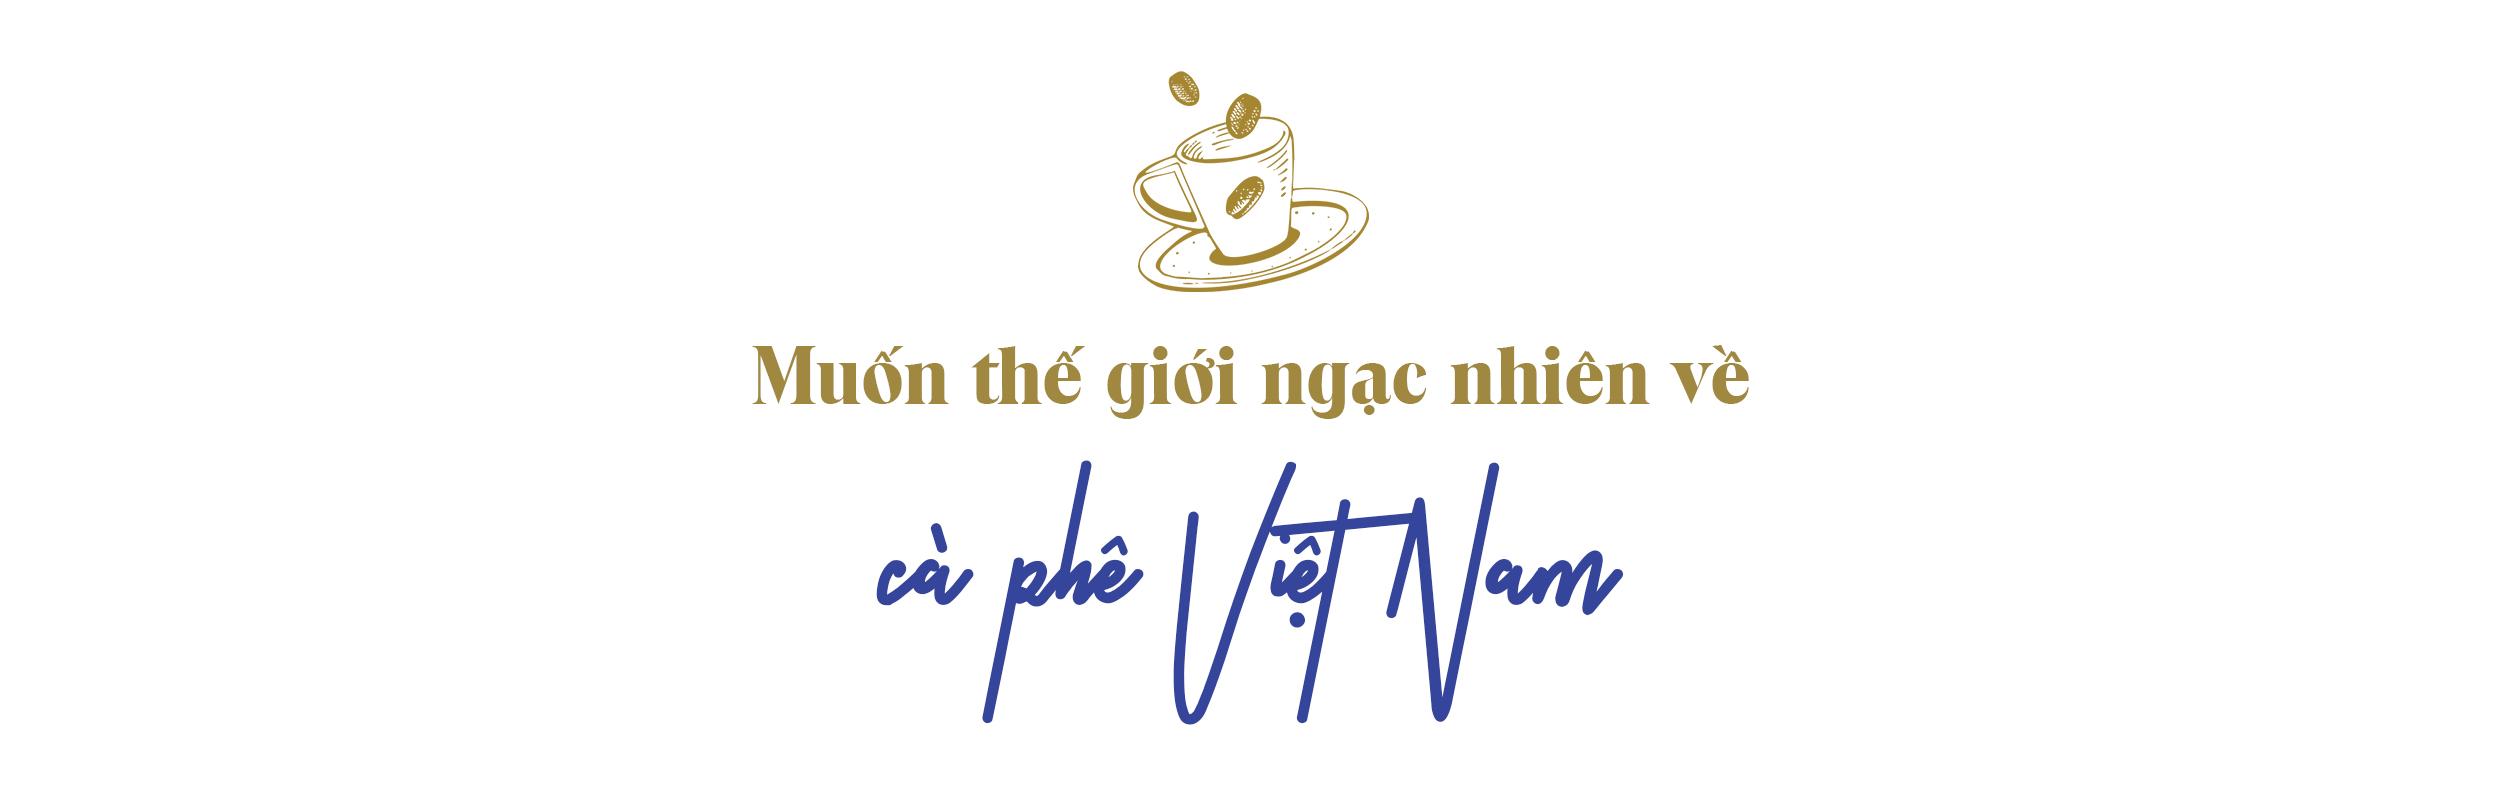 Nhà sáng lập SHIN Cà Phê Nguyễn Hữu Long: Hành trình nâng tầm cà phê thành sản vật quốc gia - Ảnh 1.